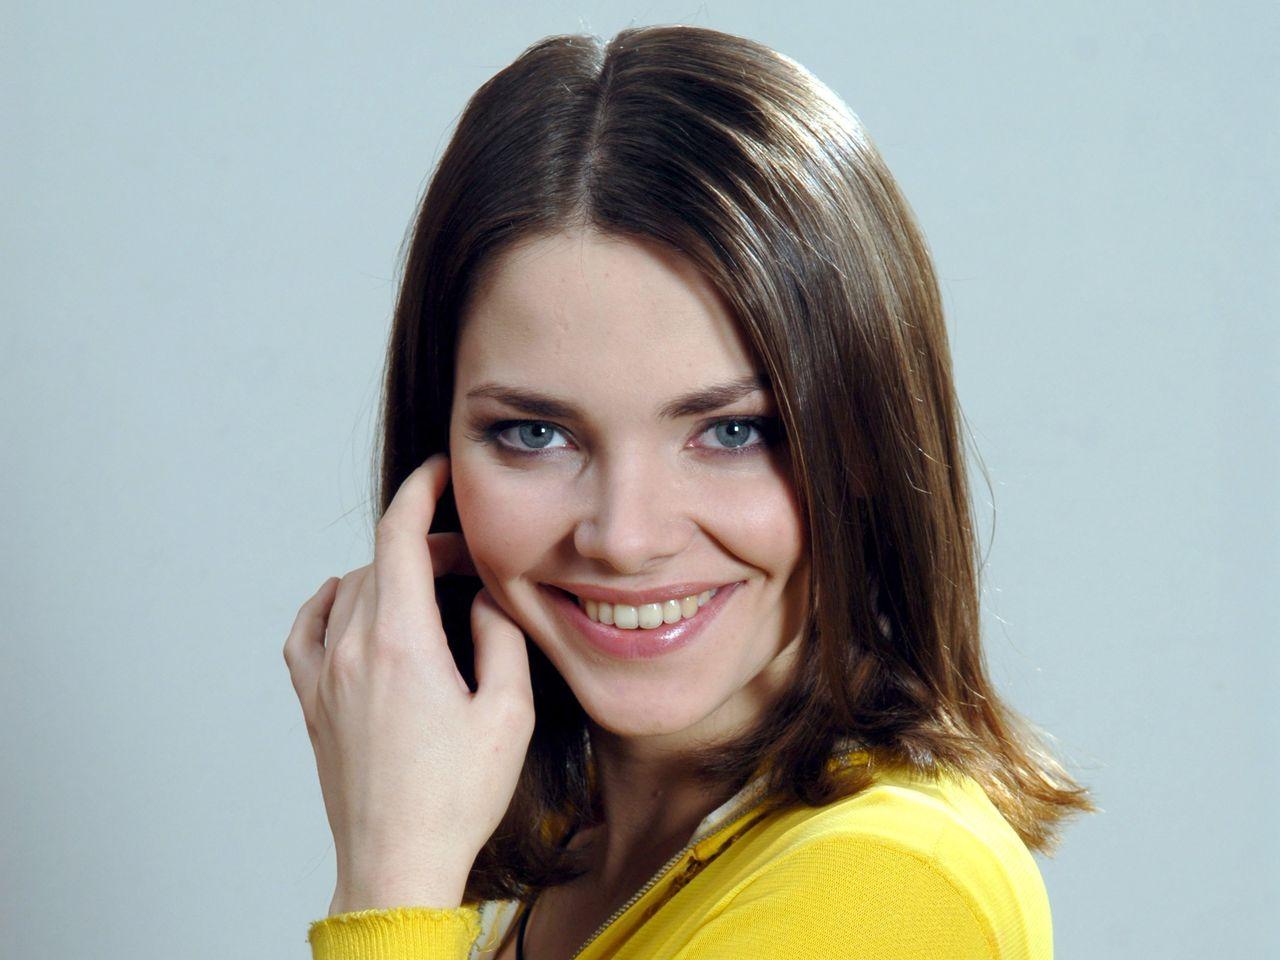 Елизавета Боярская примерила ретро-образ